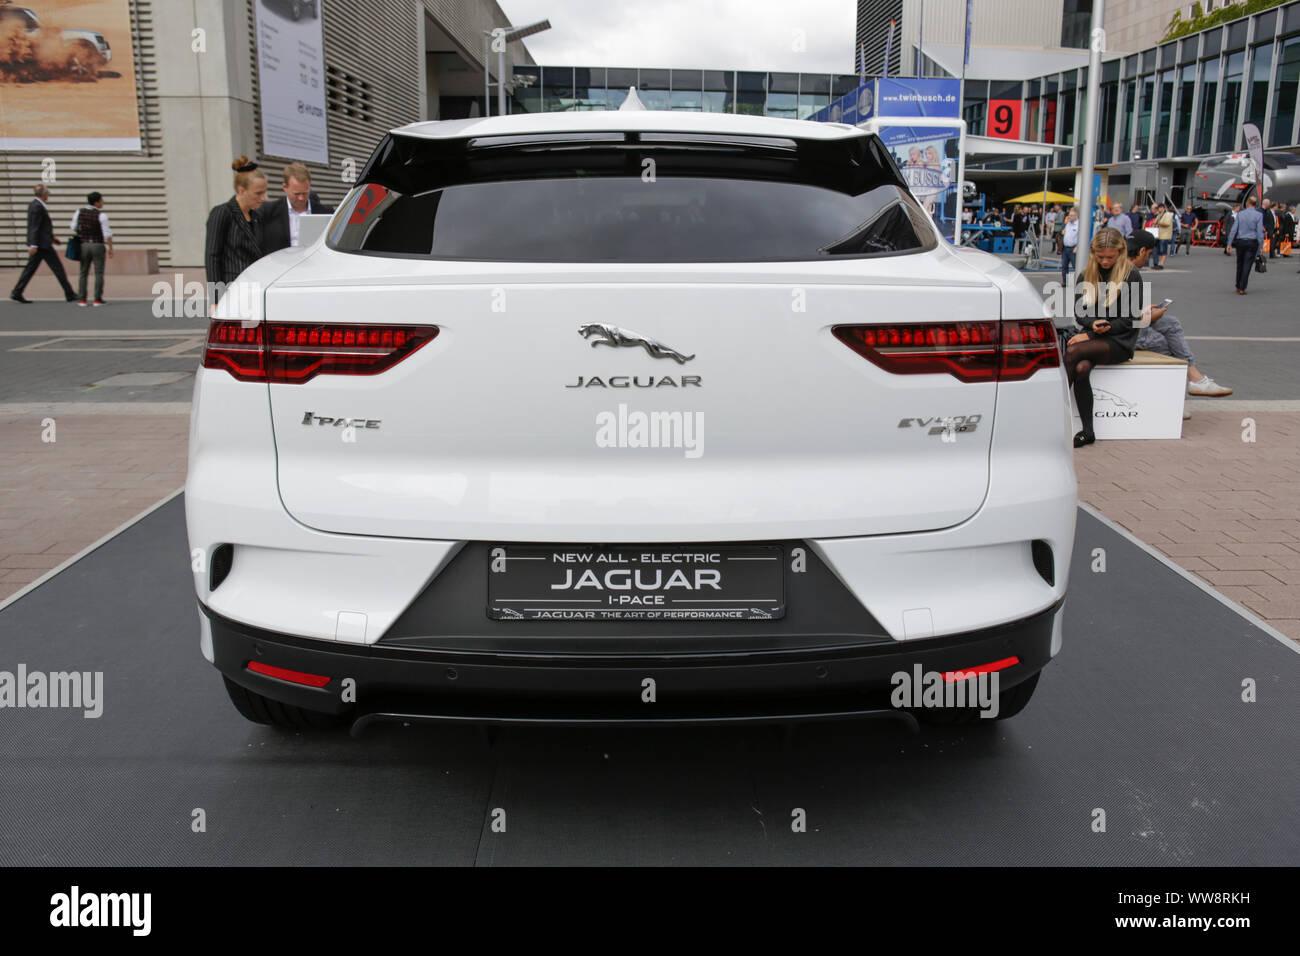 Se Car Agency >> Frankfurt Germany 12th Sep 2019 The British Car